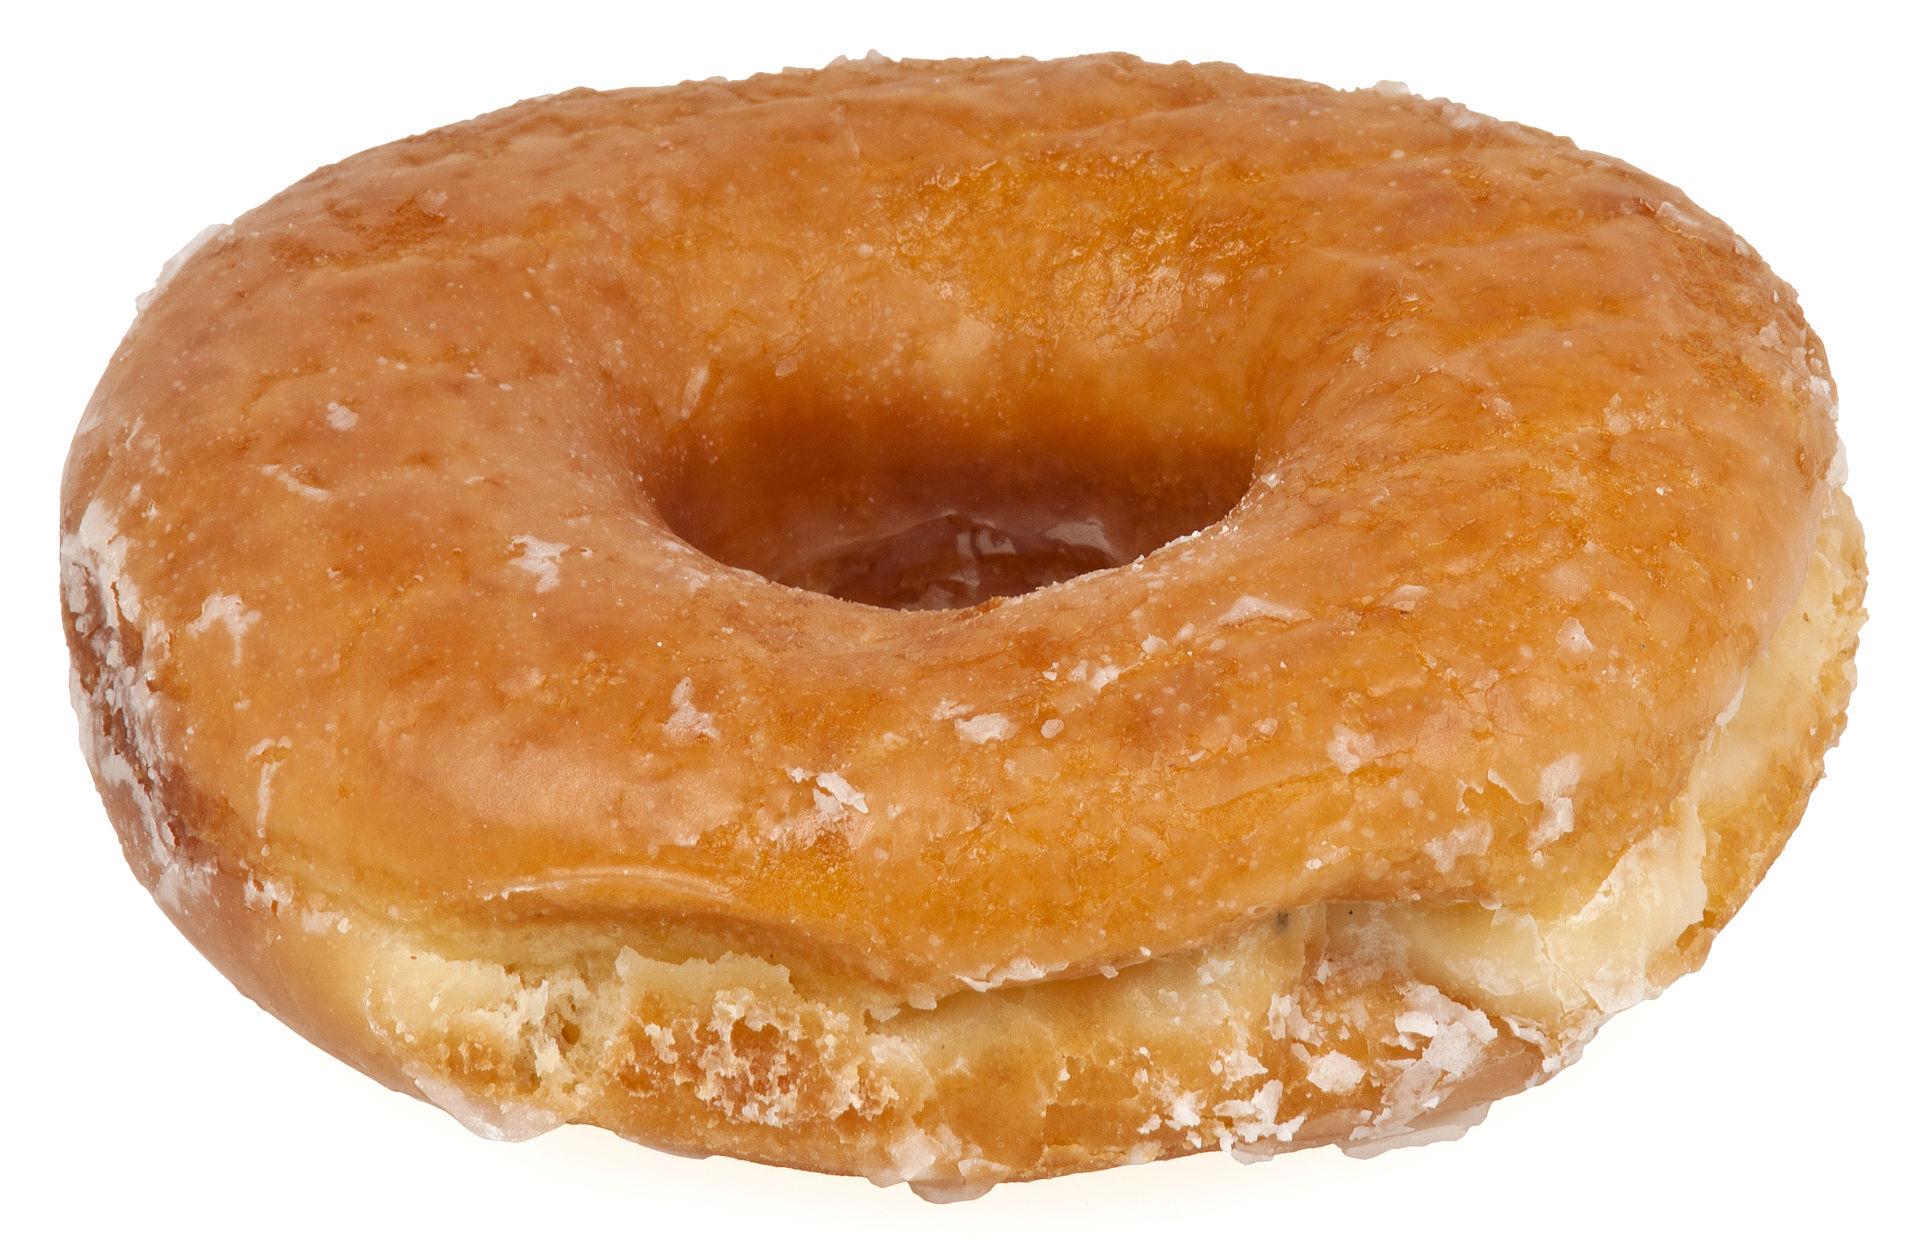 Glazed-Donut